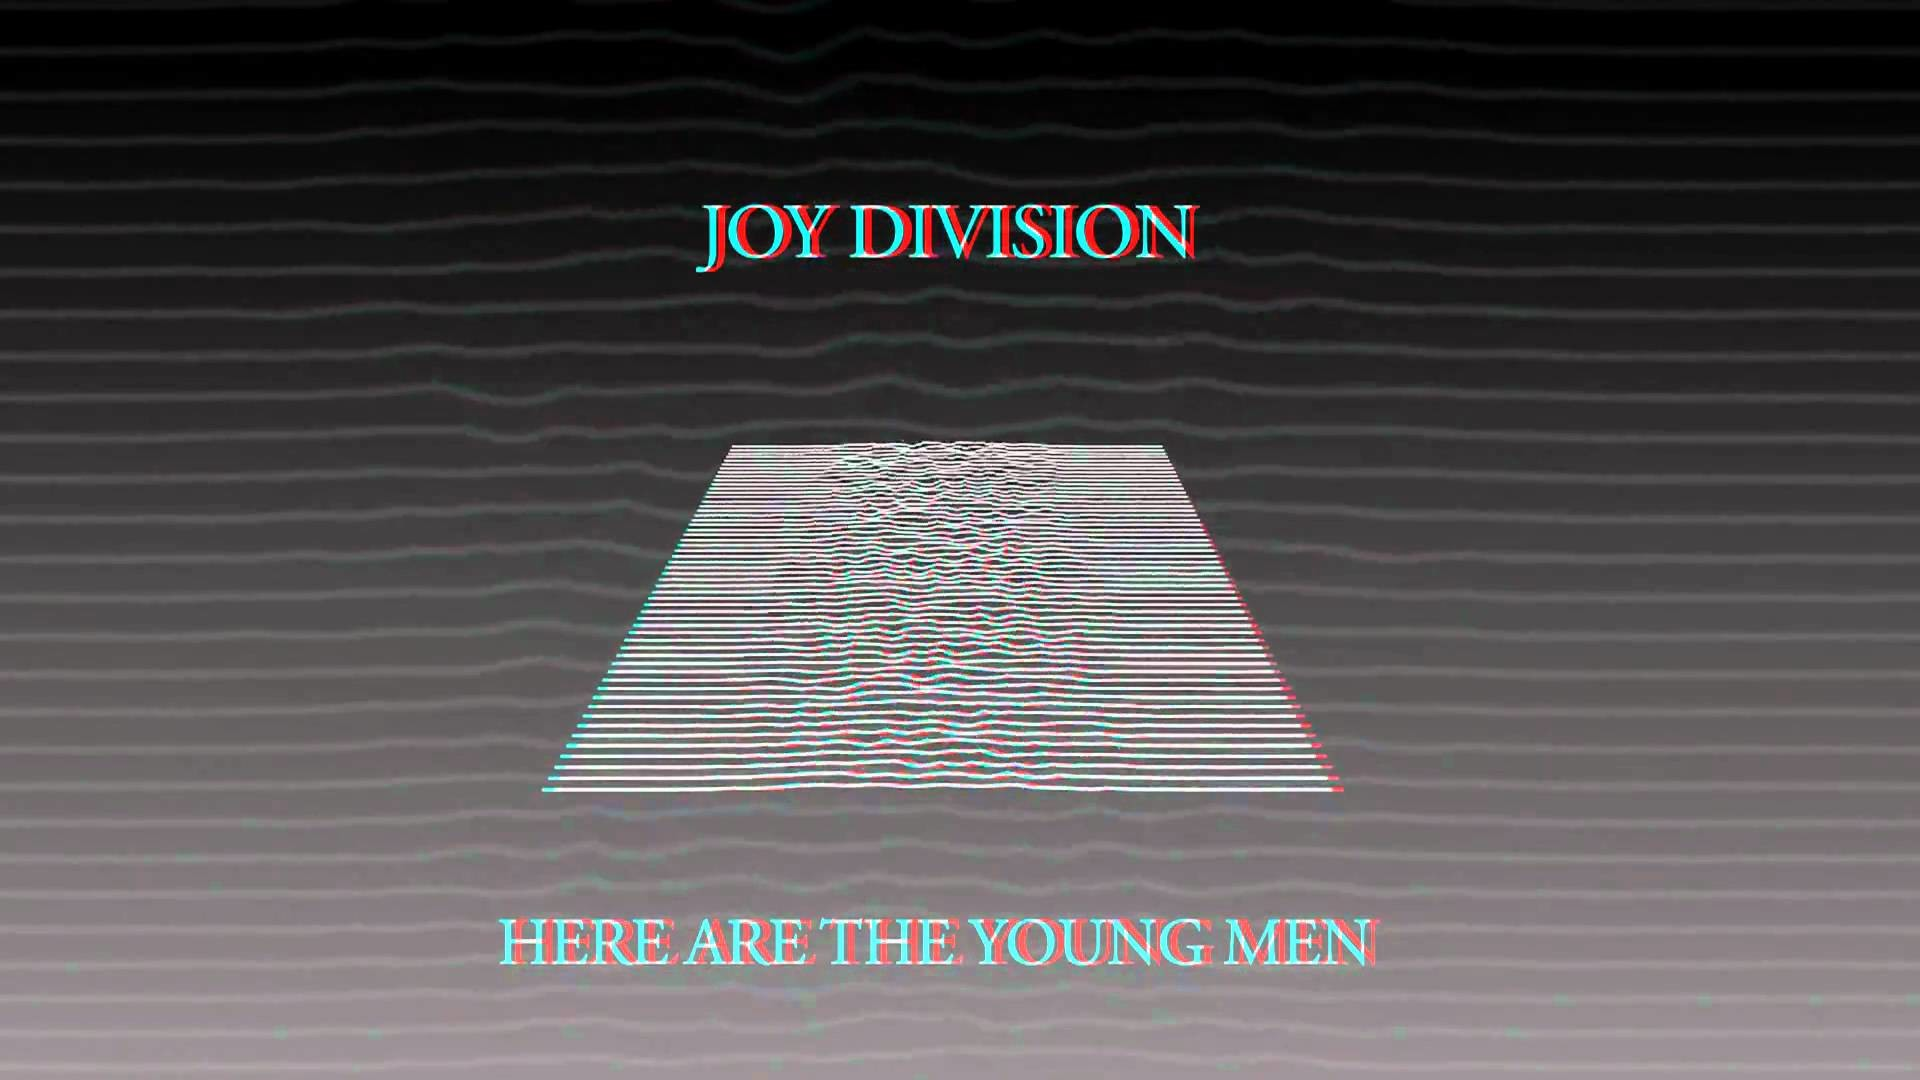 Joy division wallpaper 57 images - Joy division unknown pleasures wallpaper ...